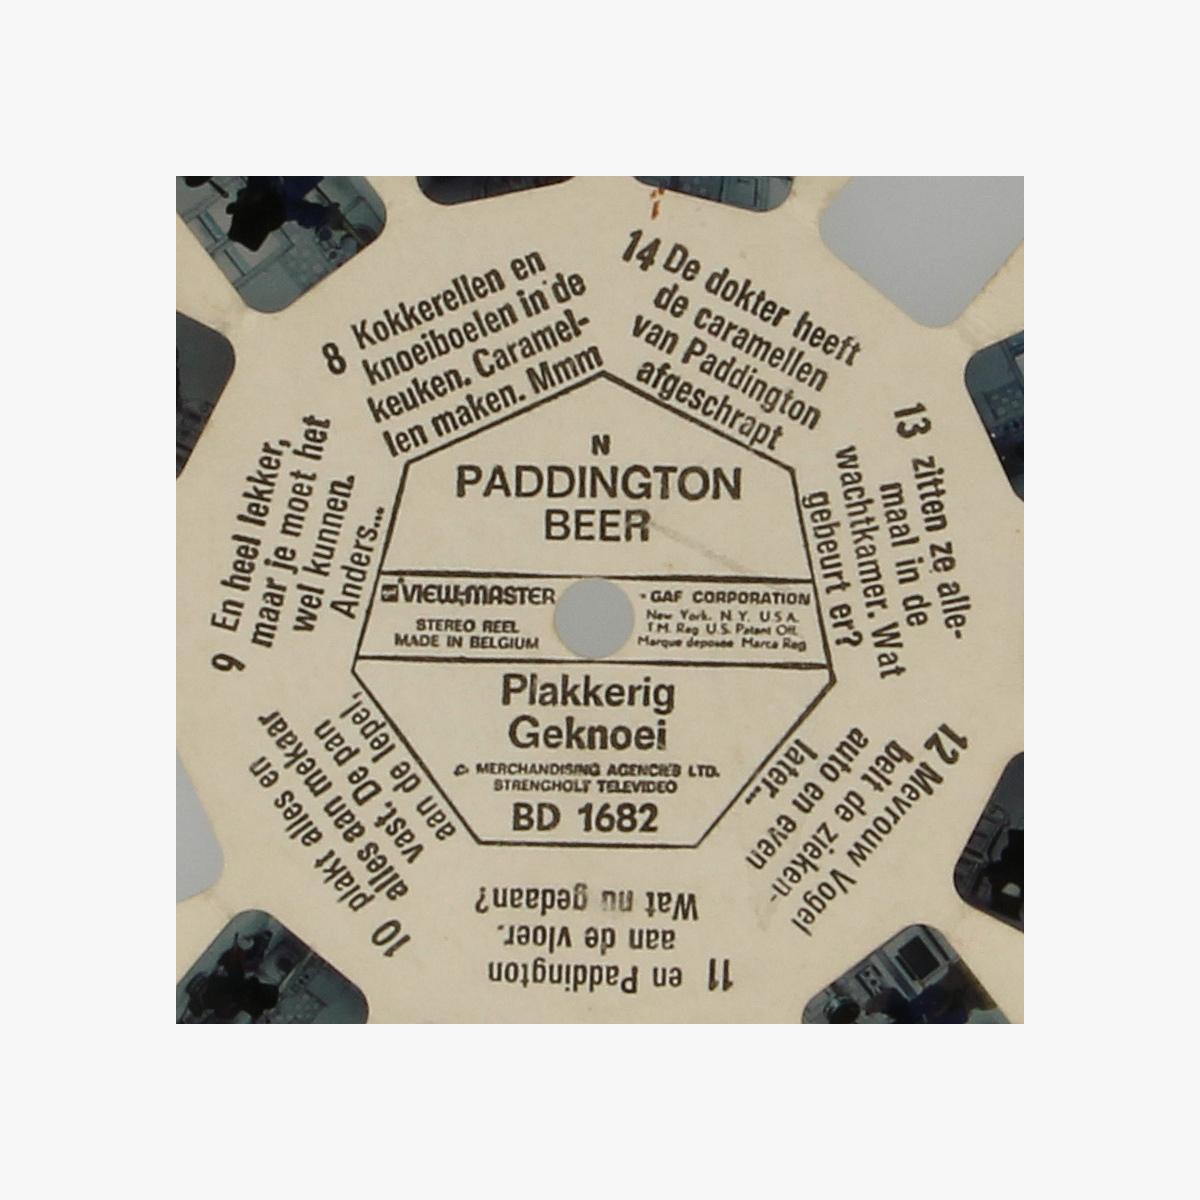 Afbeeldingen van View-Master. Paddington Beer. Plakkerig Geknoei. BD 1682